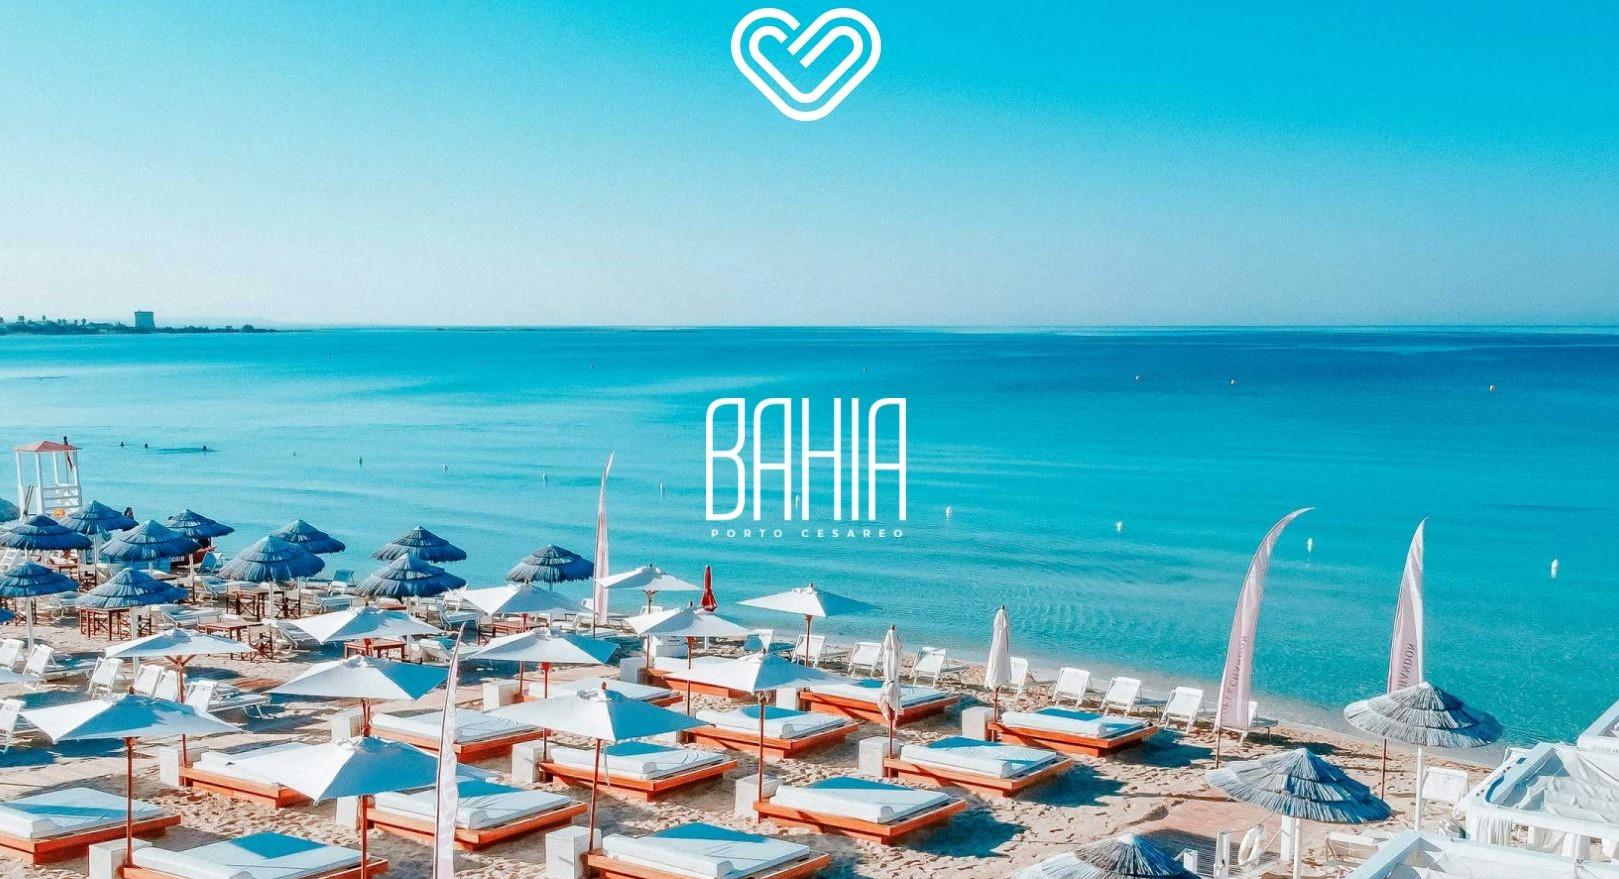 BAHIA 2021 - entro le h. 11.00